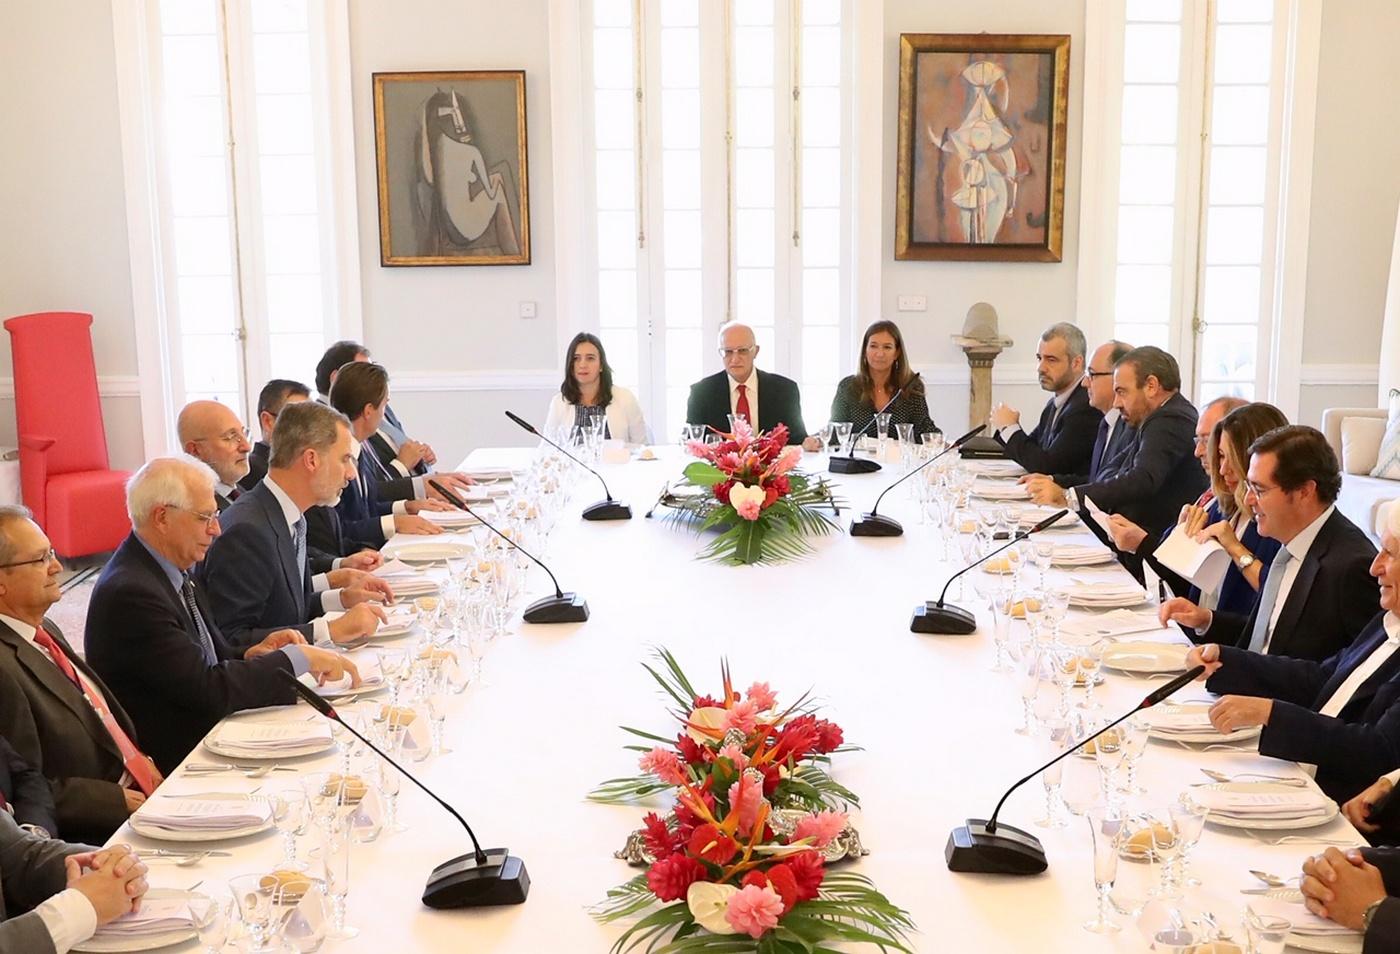 Presidente Camara Espana Rey Cuba economicos